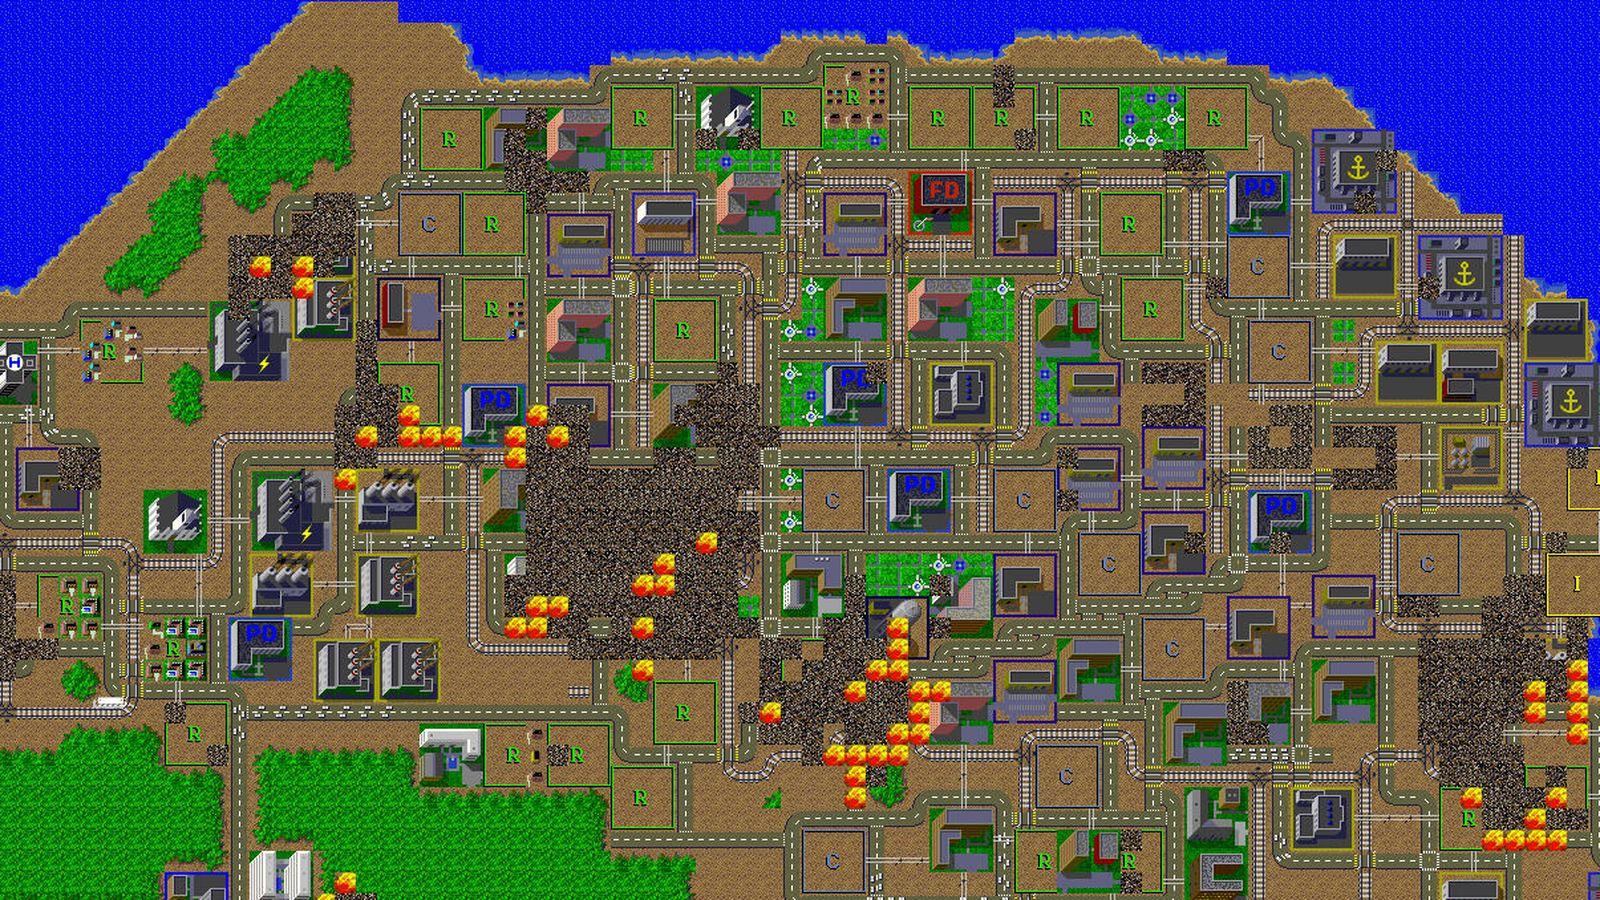 Gamer Veinte Juegos De Los Anos 80 Y 90 Que Puedes Jugar Gratis En